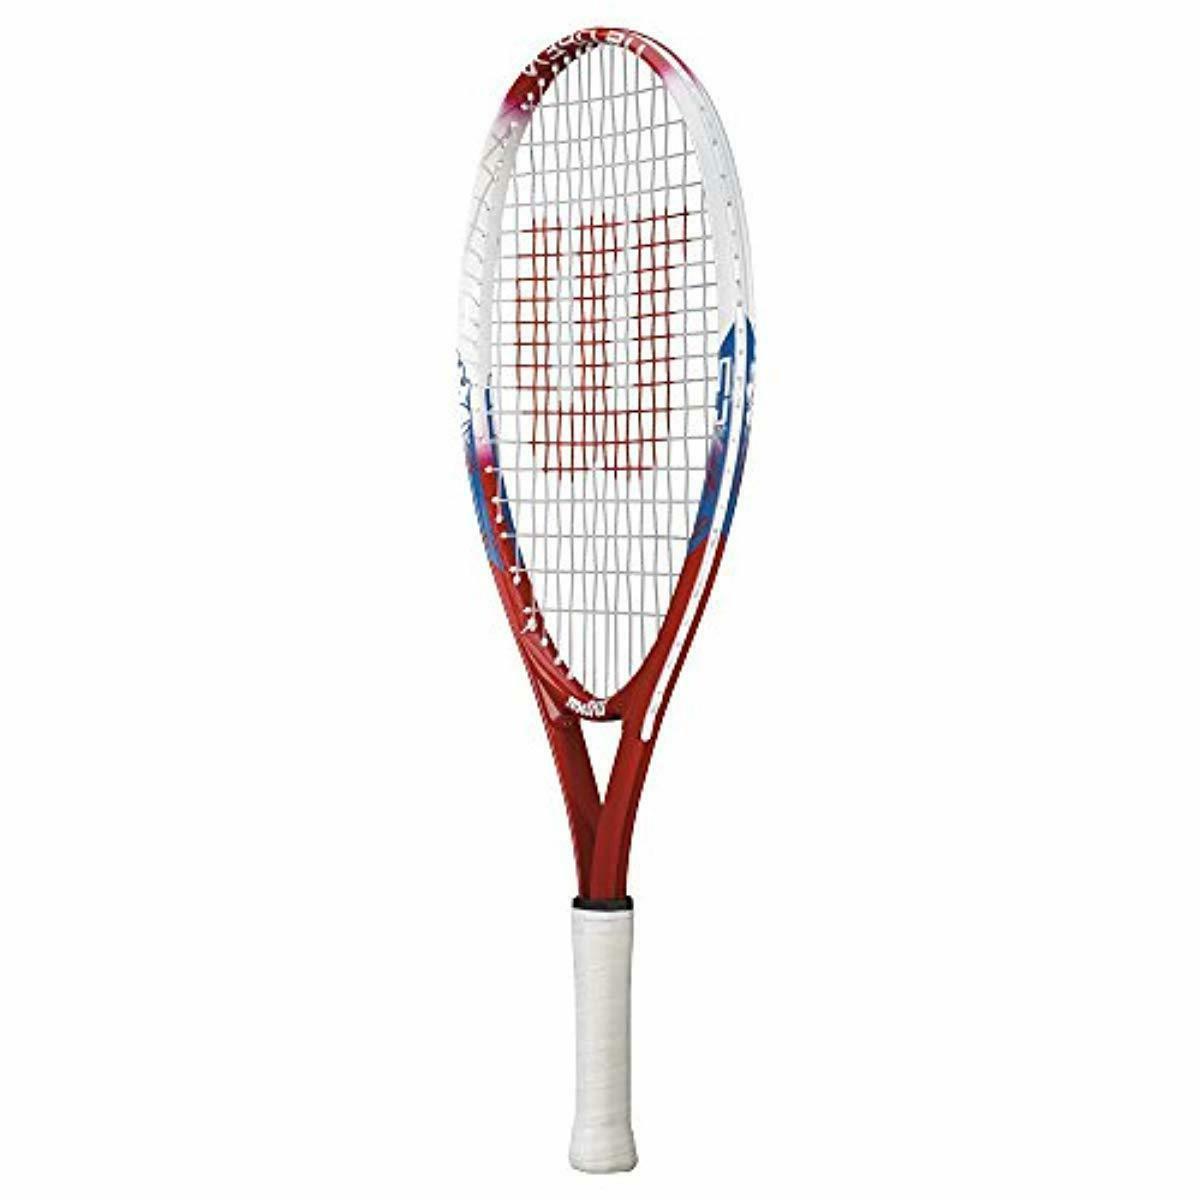 Wilson for Beginner Juniour Boys Girls Racquet Cheap